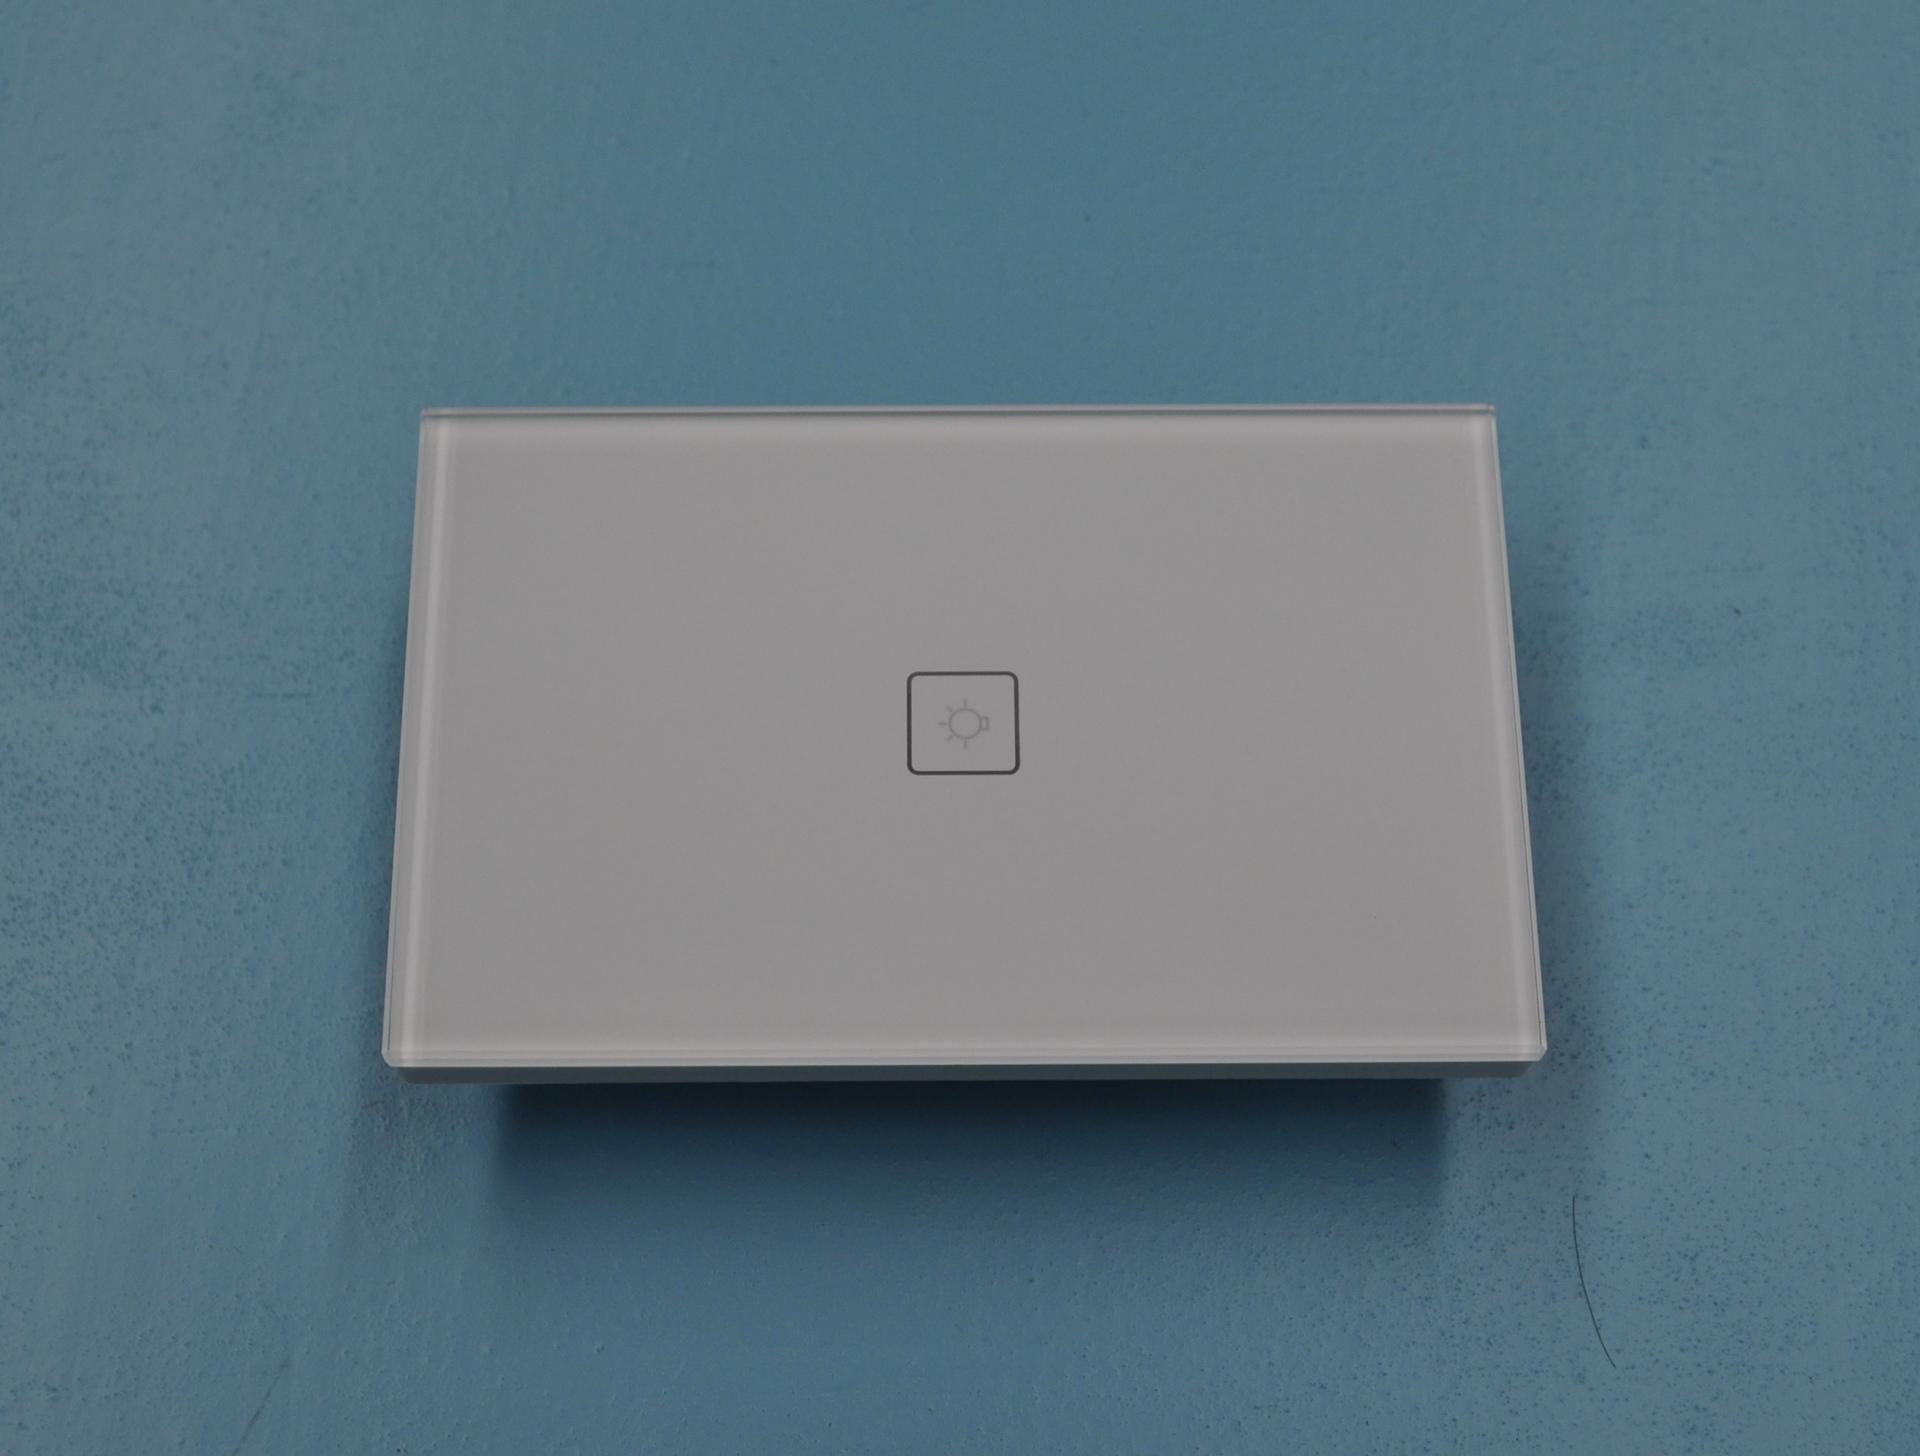 Smart Light Switch - 1 Gang